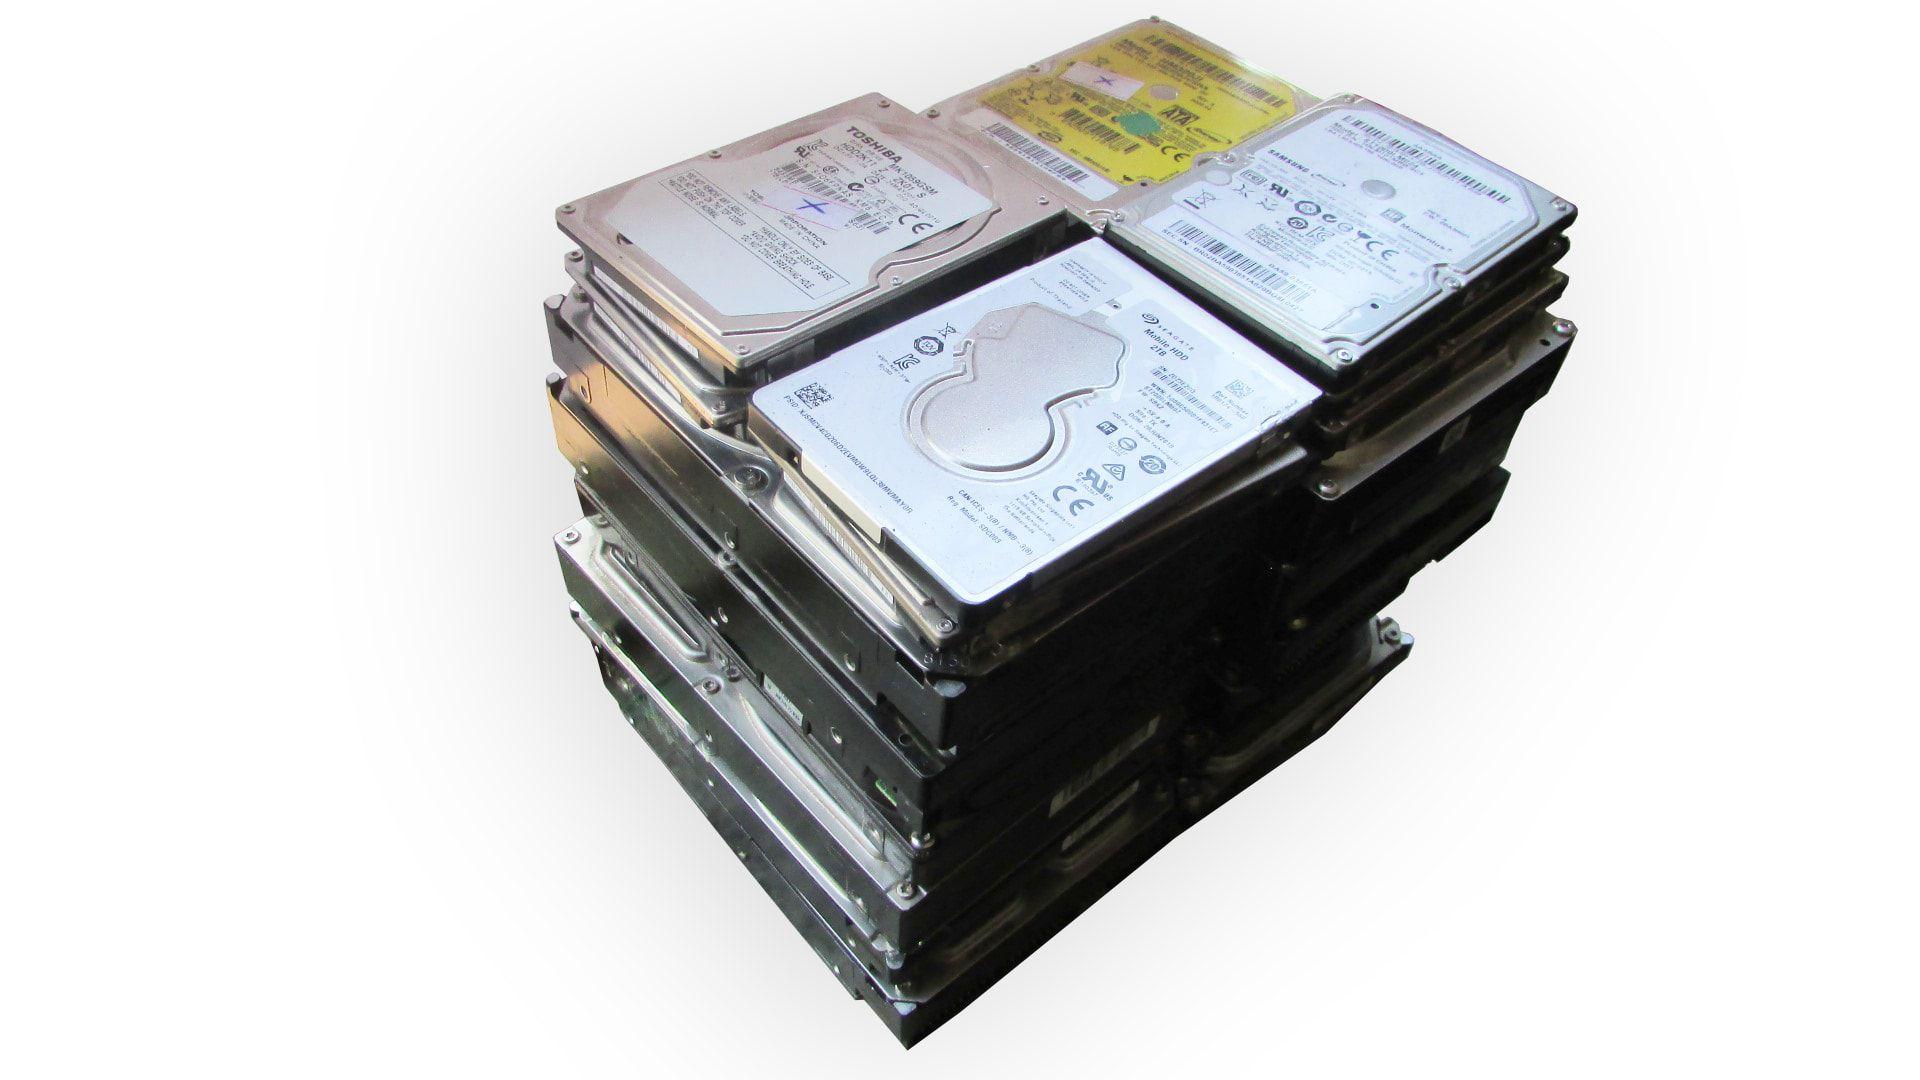 Lote c/ 21 HDs Desktop e Notebook com defeito